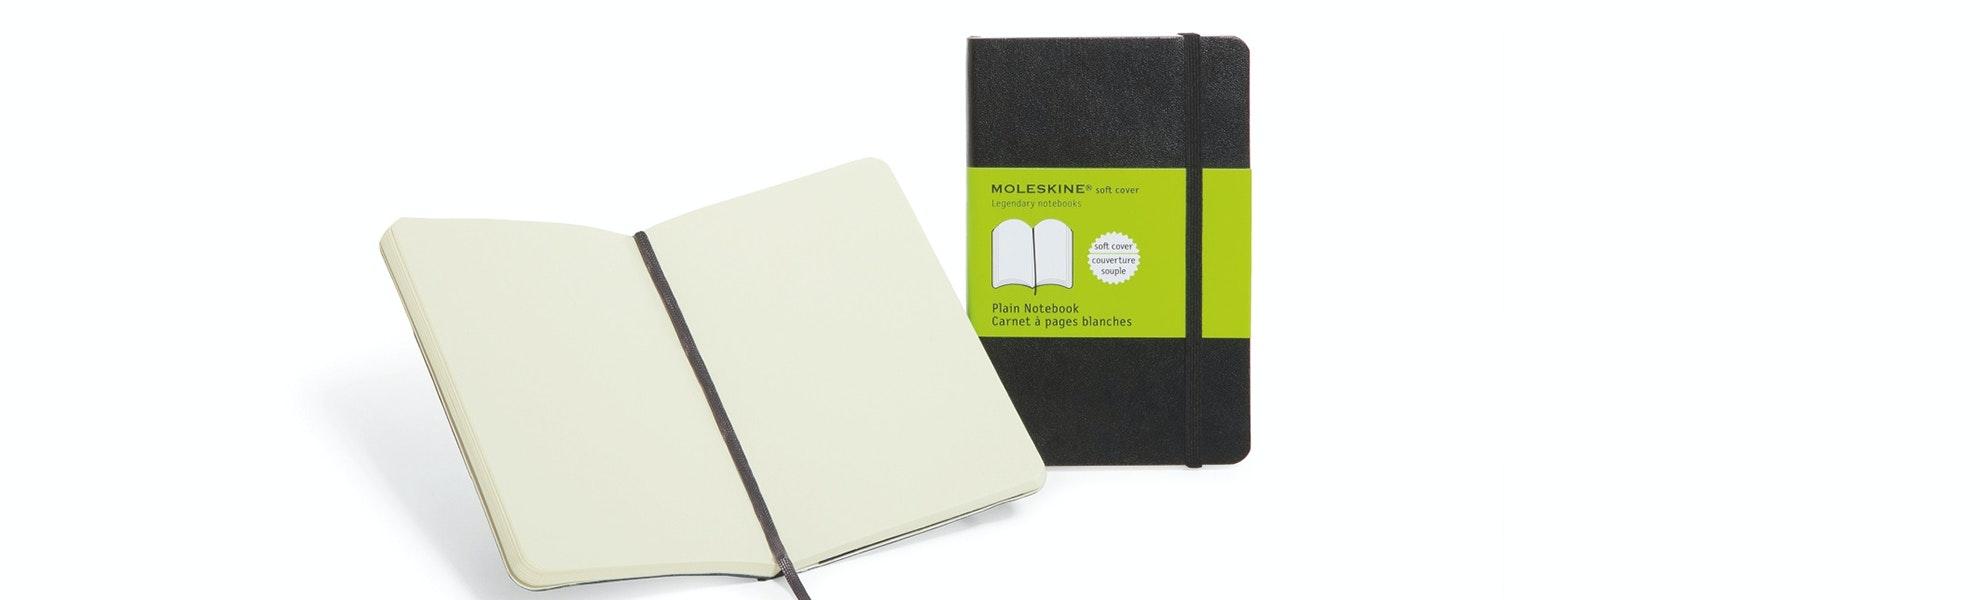 Moleskine Large Notebook (5 x 8.25)